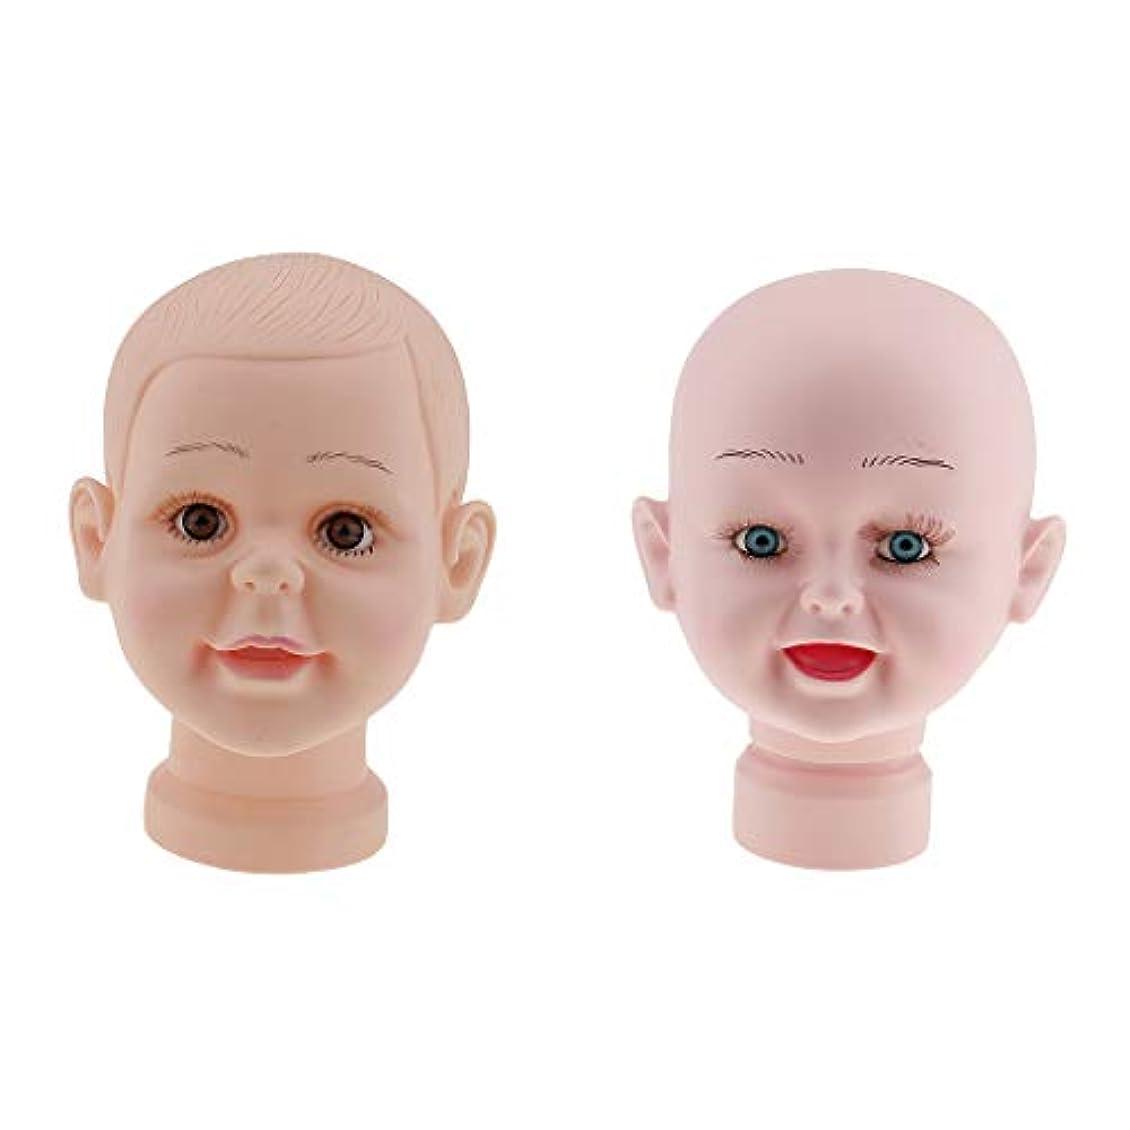 魚極貧日焼けT TOOYFUL 子供マネキンヘッド 赤ちゃん チャイルドマネキンヘッド 肌色 頭部モデル かつら 帽子ディスプレイ